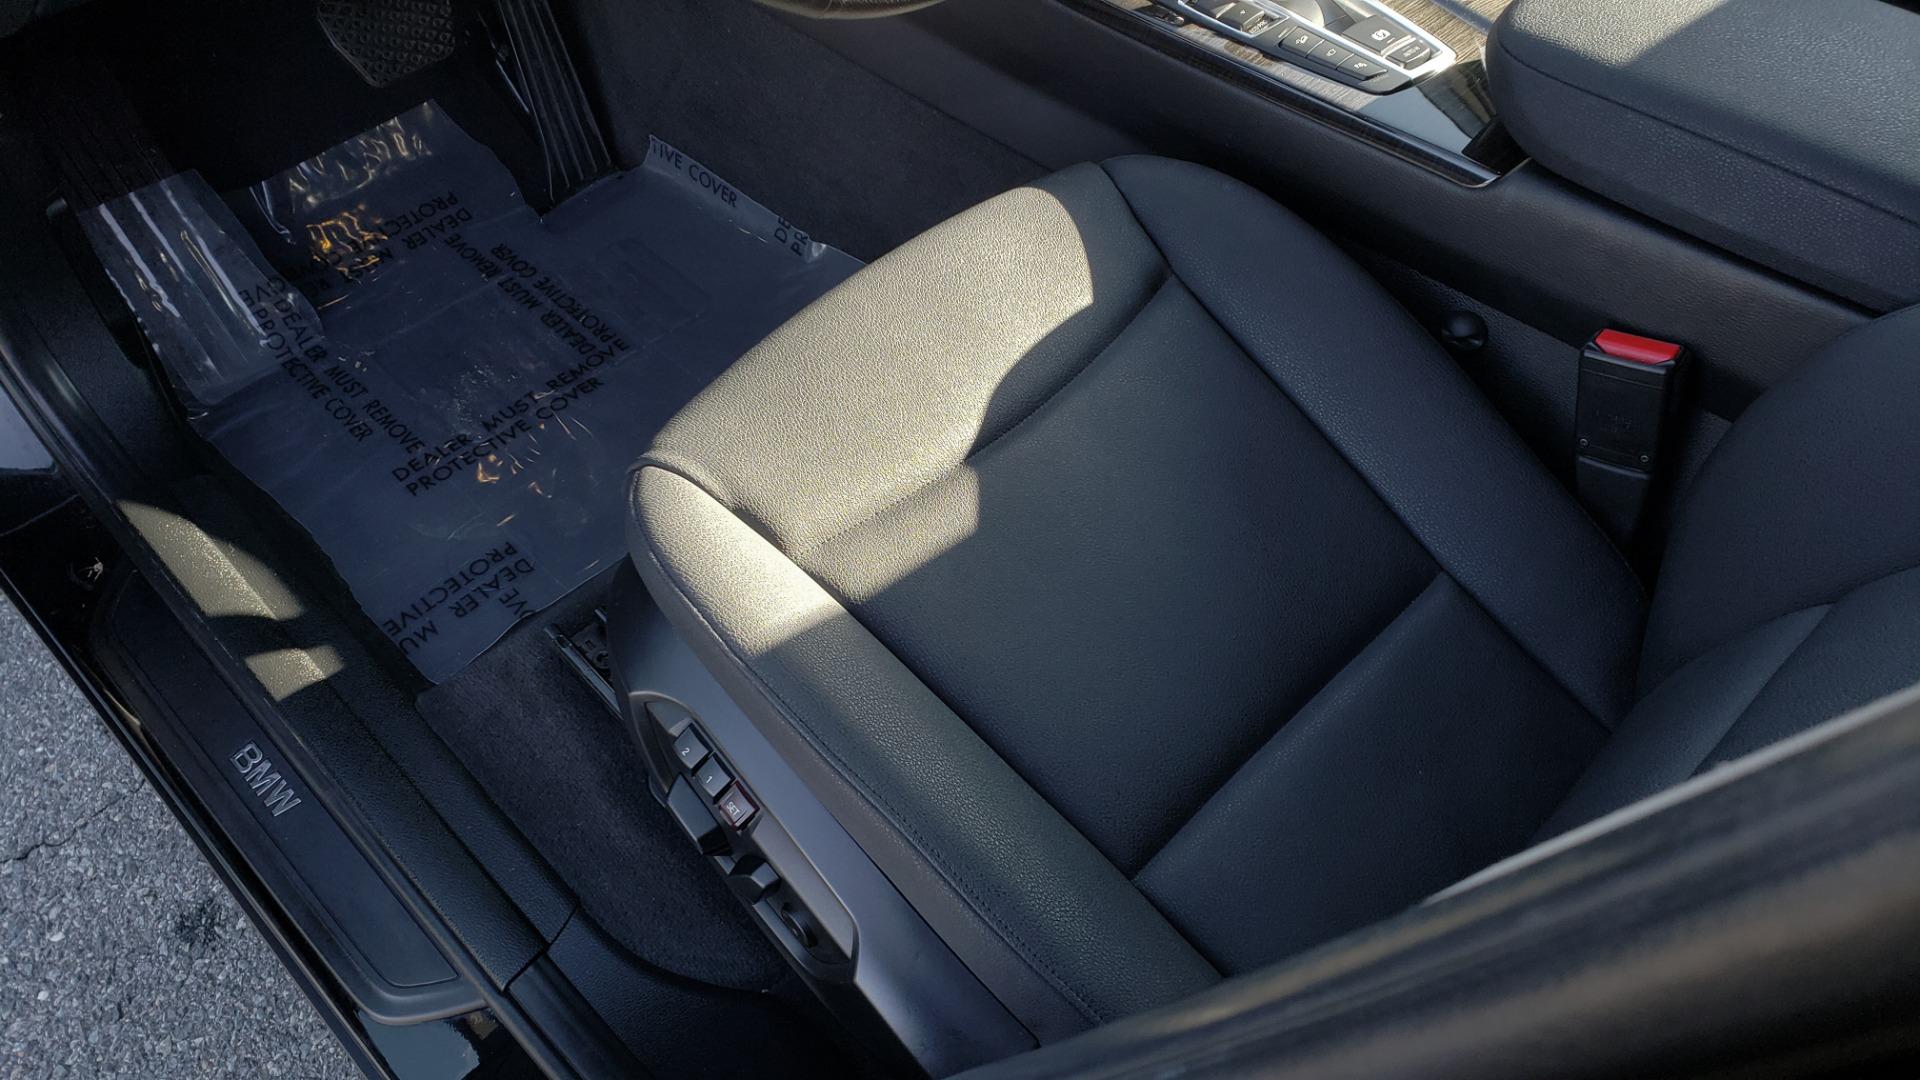 Used 2017 BMW X3 XDRIVE28I / PREM PKG / NAV / DRVR ASST / HTD STS / CAMERAS for sale Sold at Formula Imports in Charlotte NC 28227 40